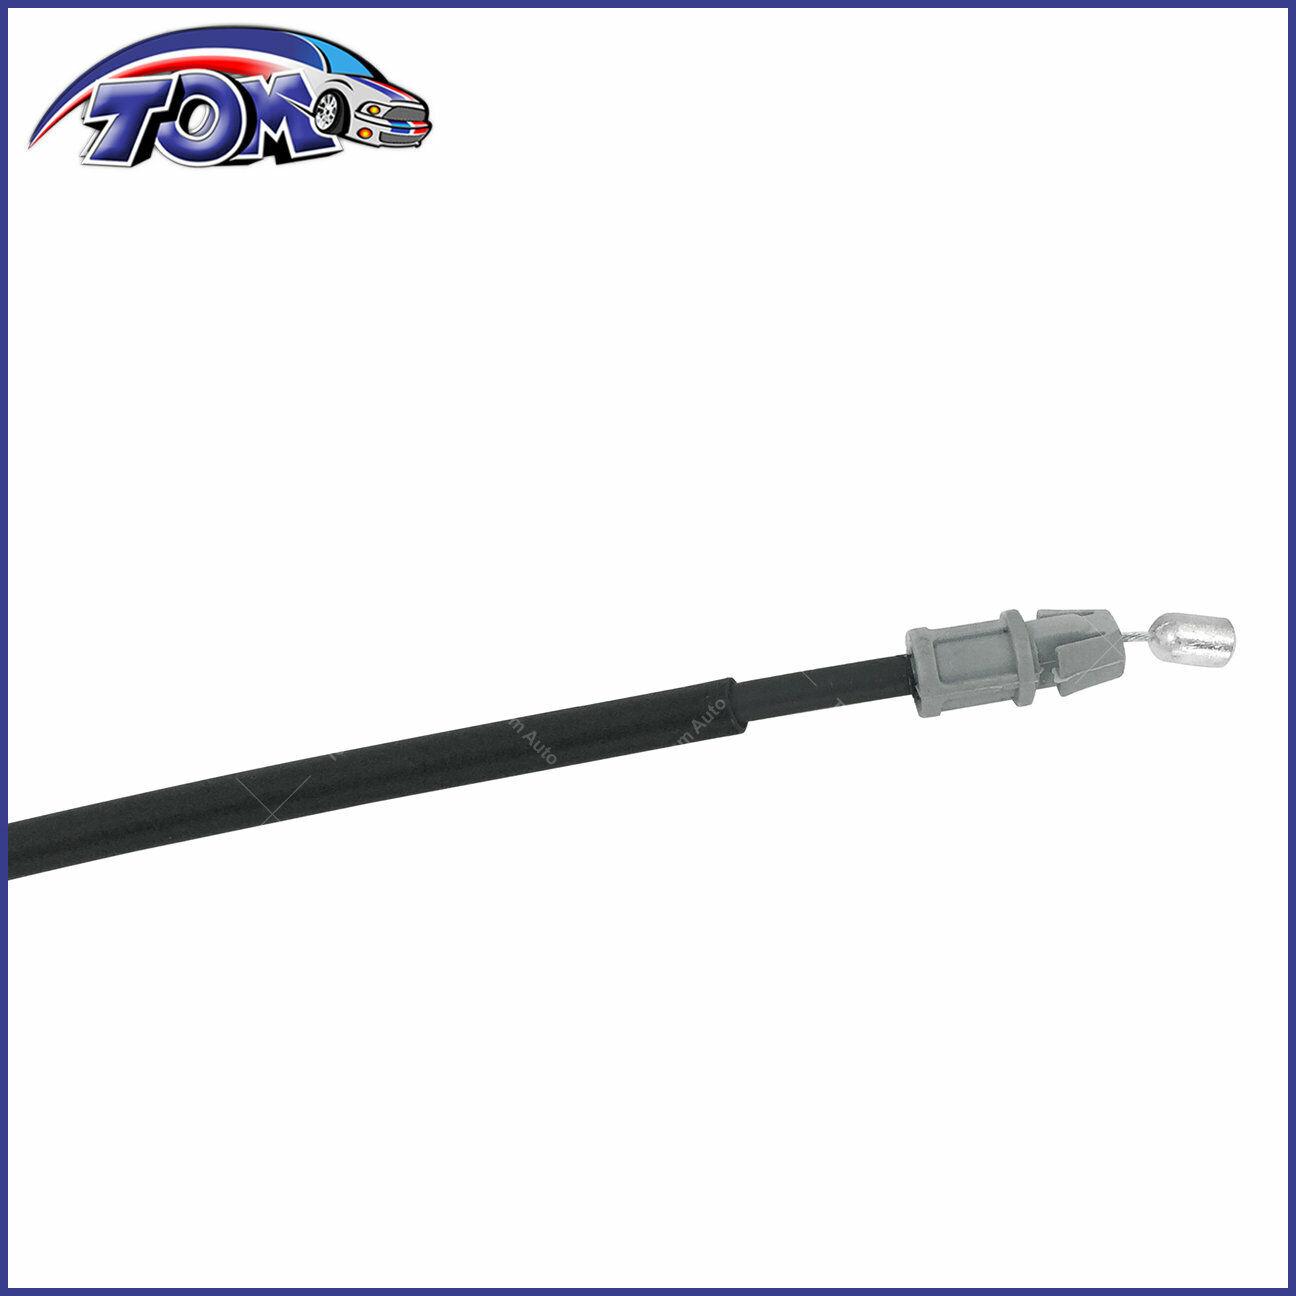 Hood Release Cable Dorman 912-182 fits 05-13 Chevrolet Corvette